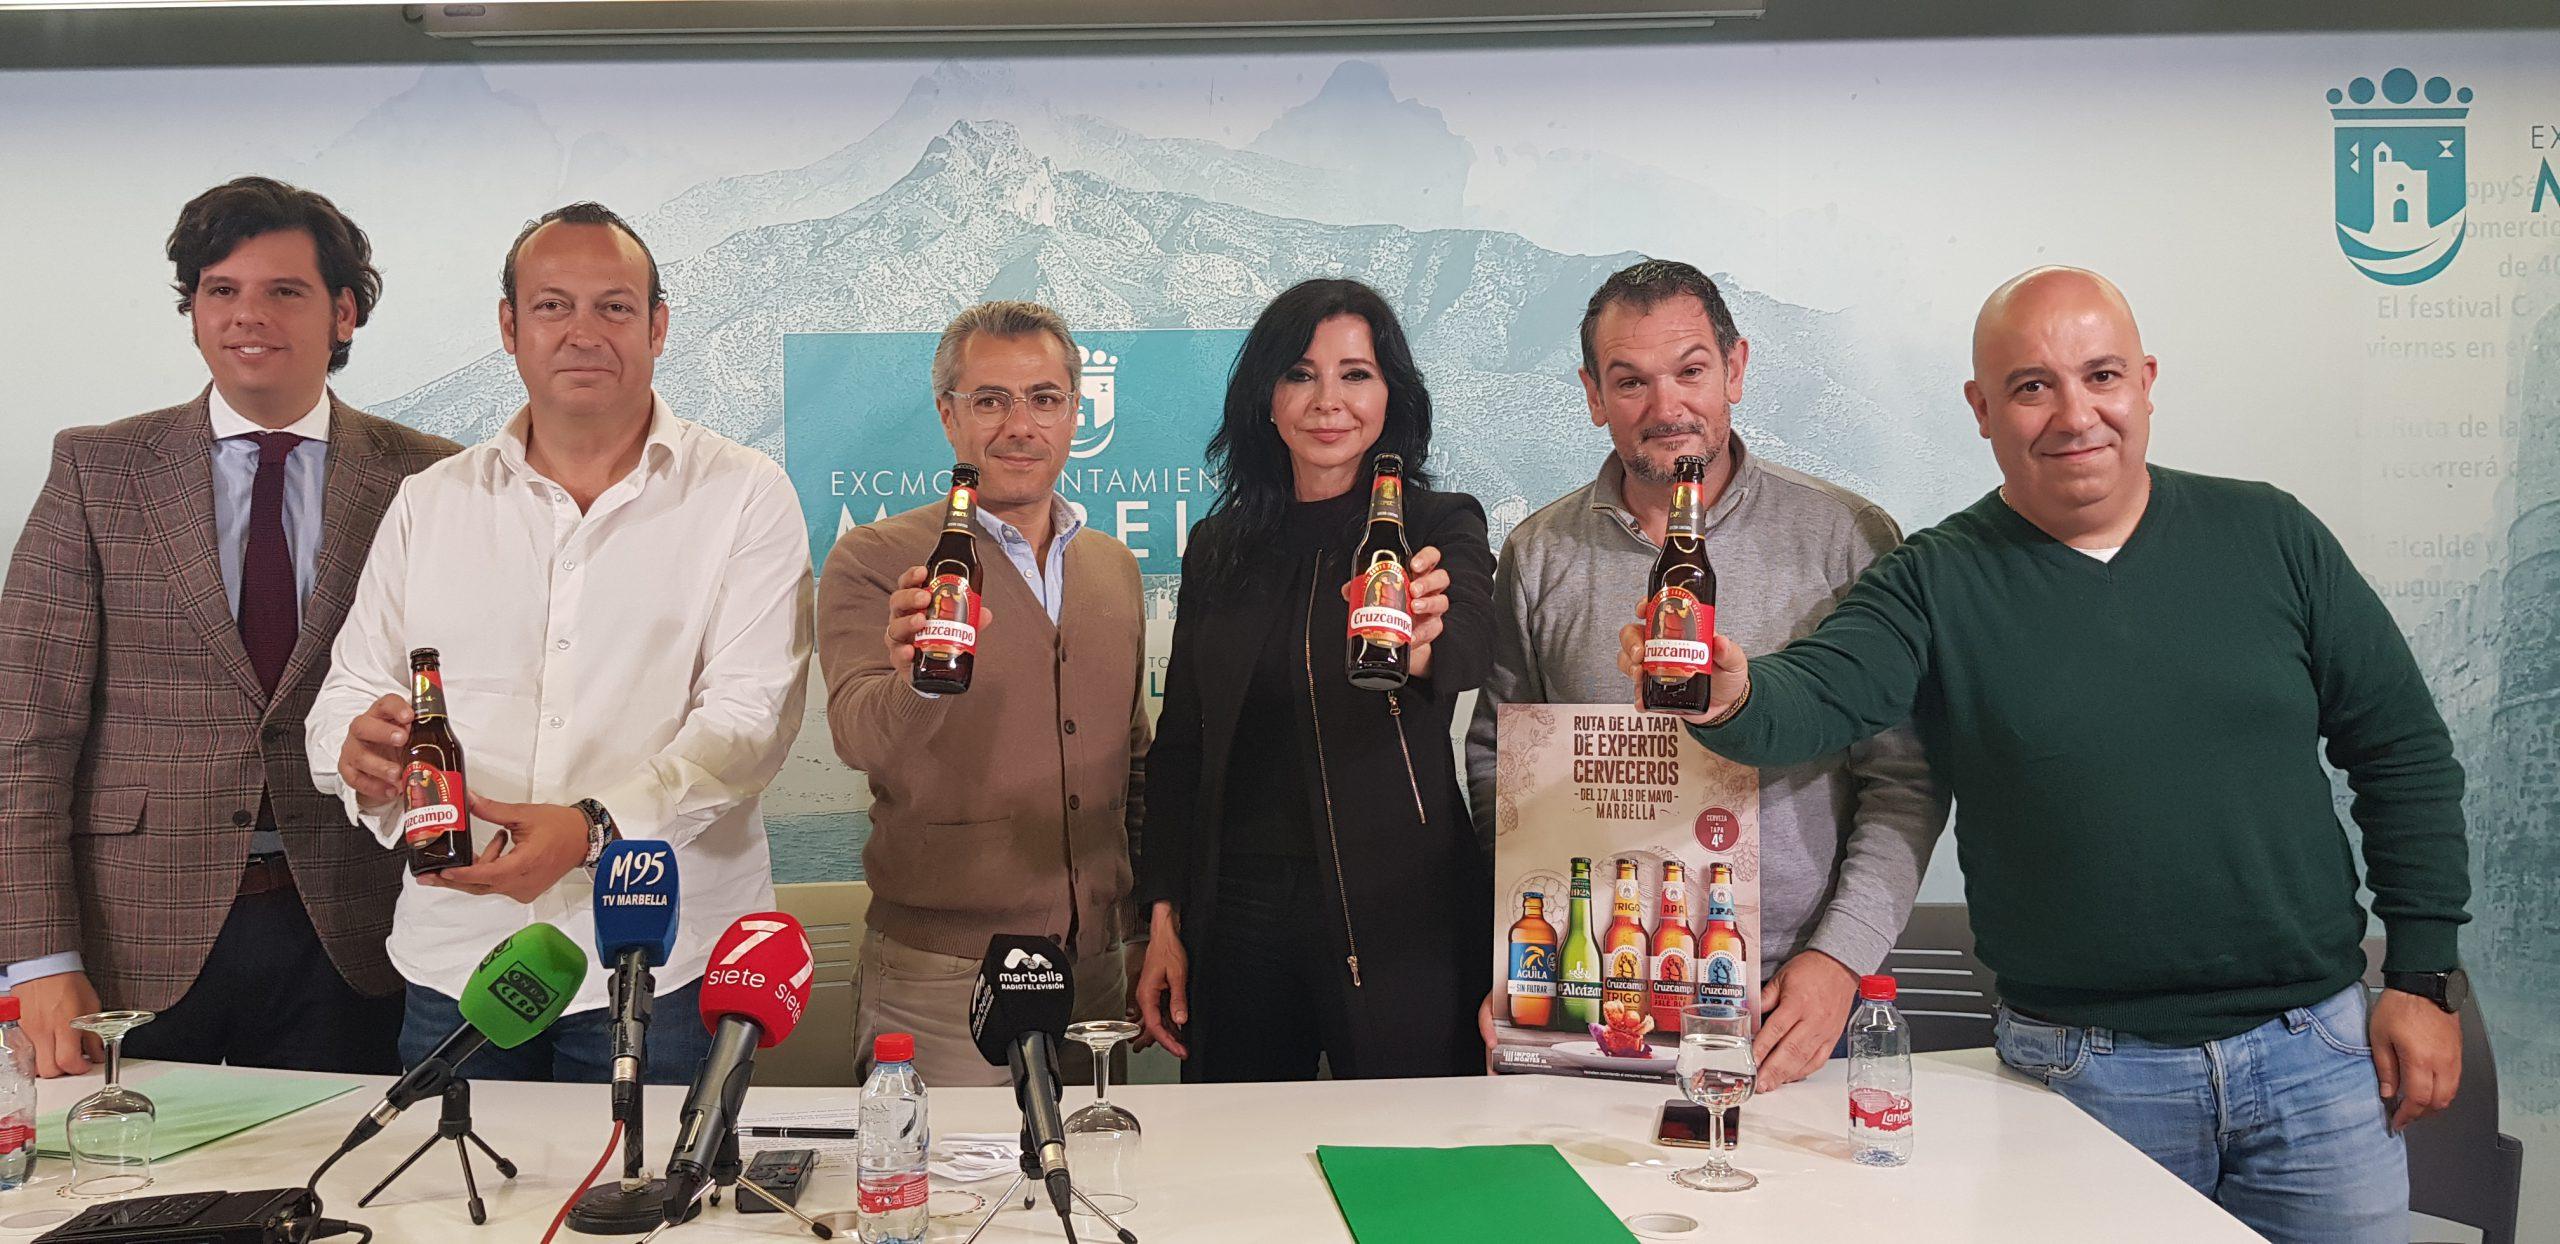 Marbella albergará del 17 al 19 de mayo la Ruta de la Tapa de Expertos Cerveceros de España